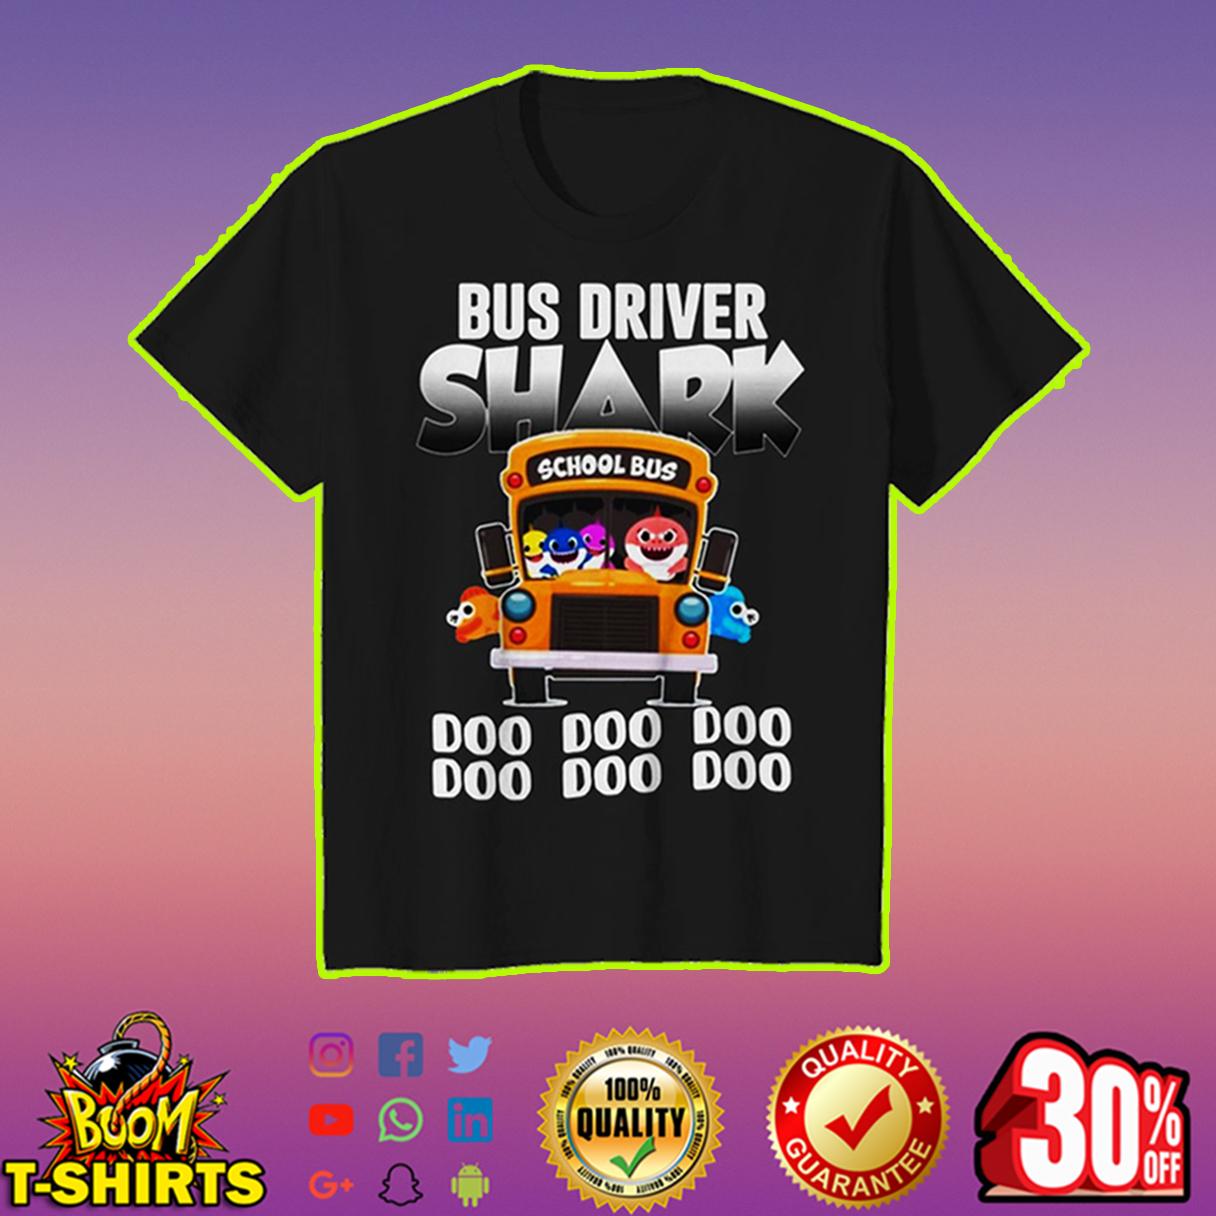 Bus driver shark doo doo doo youth tee